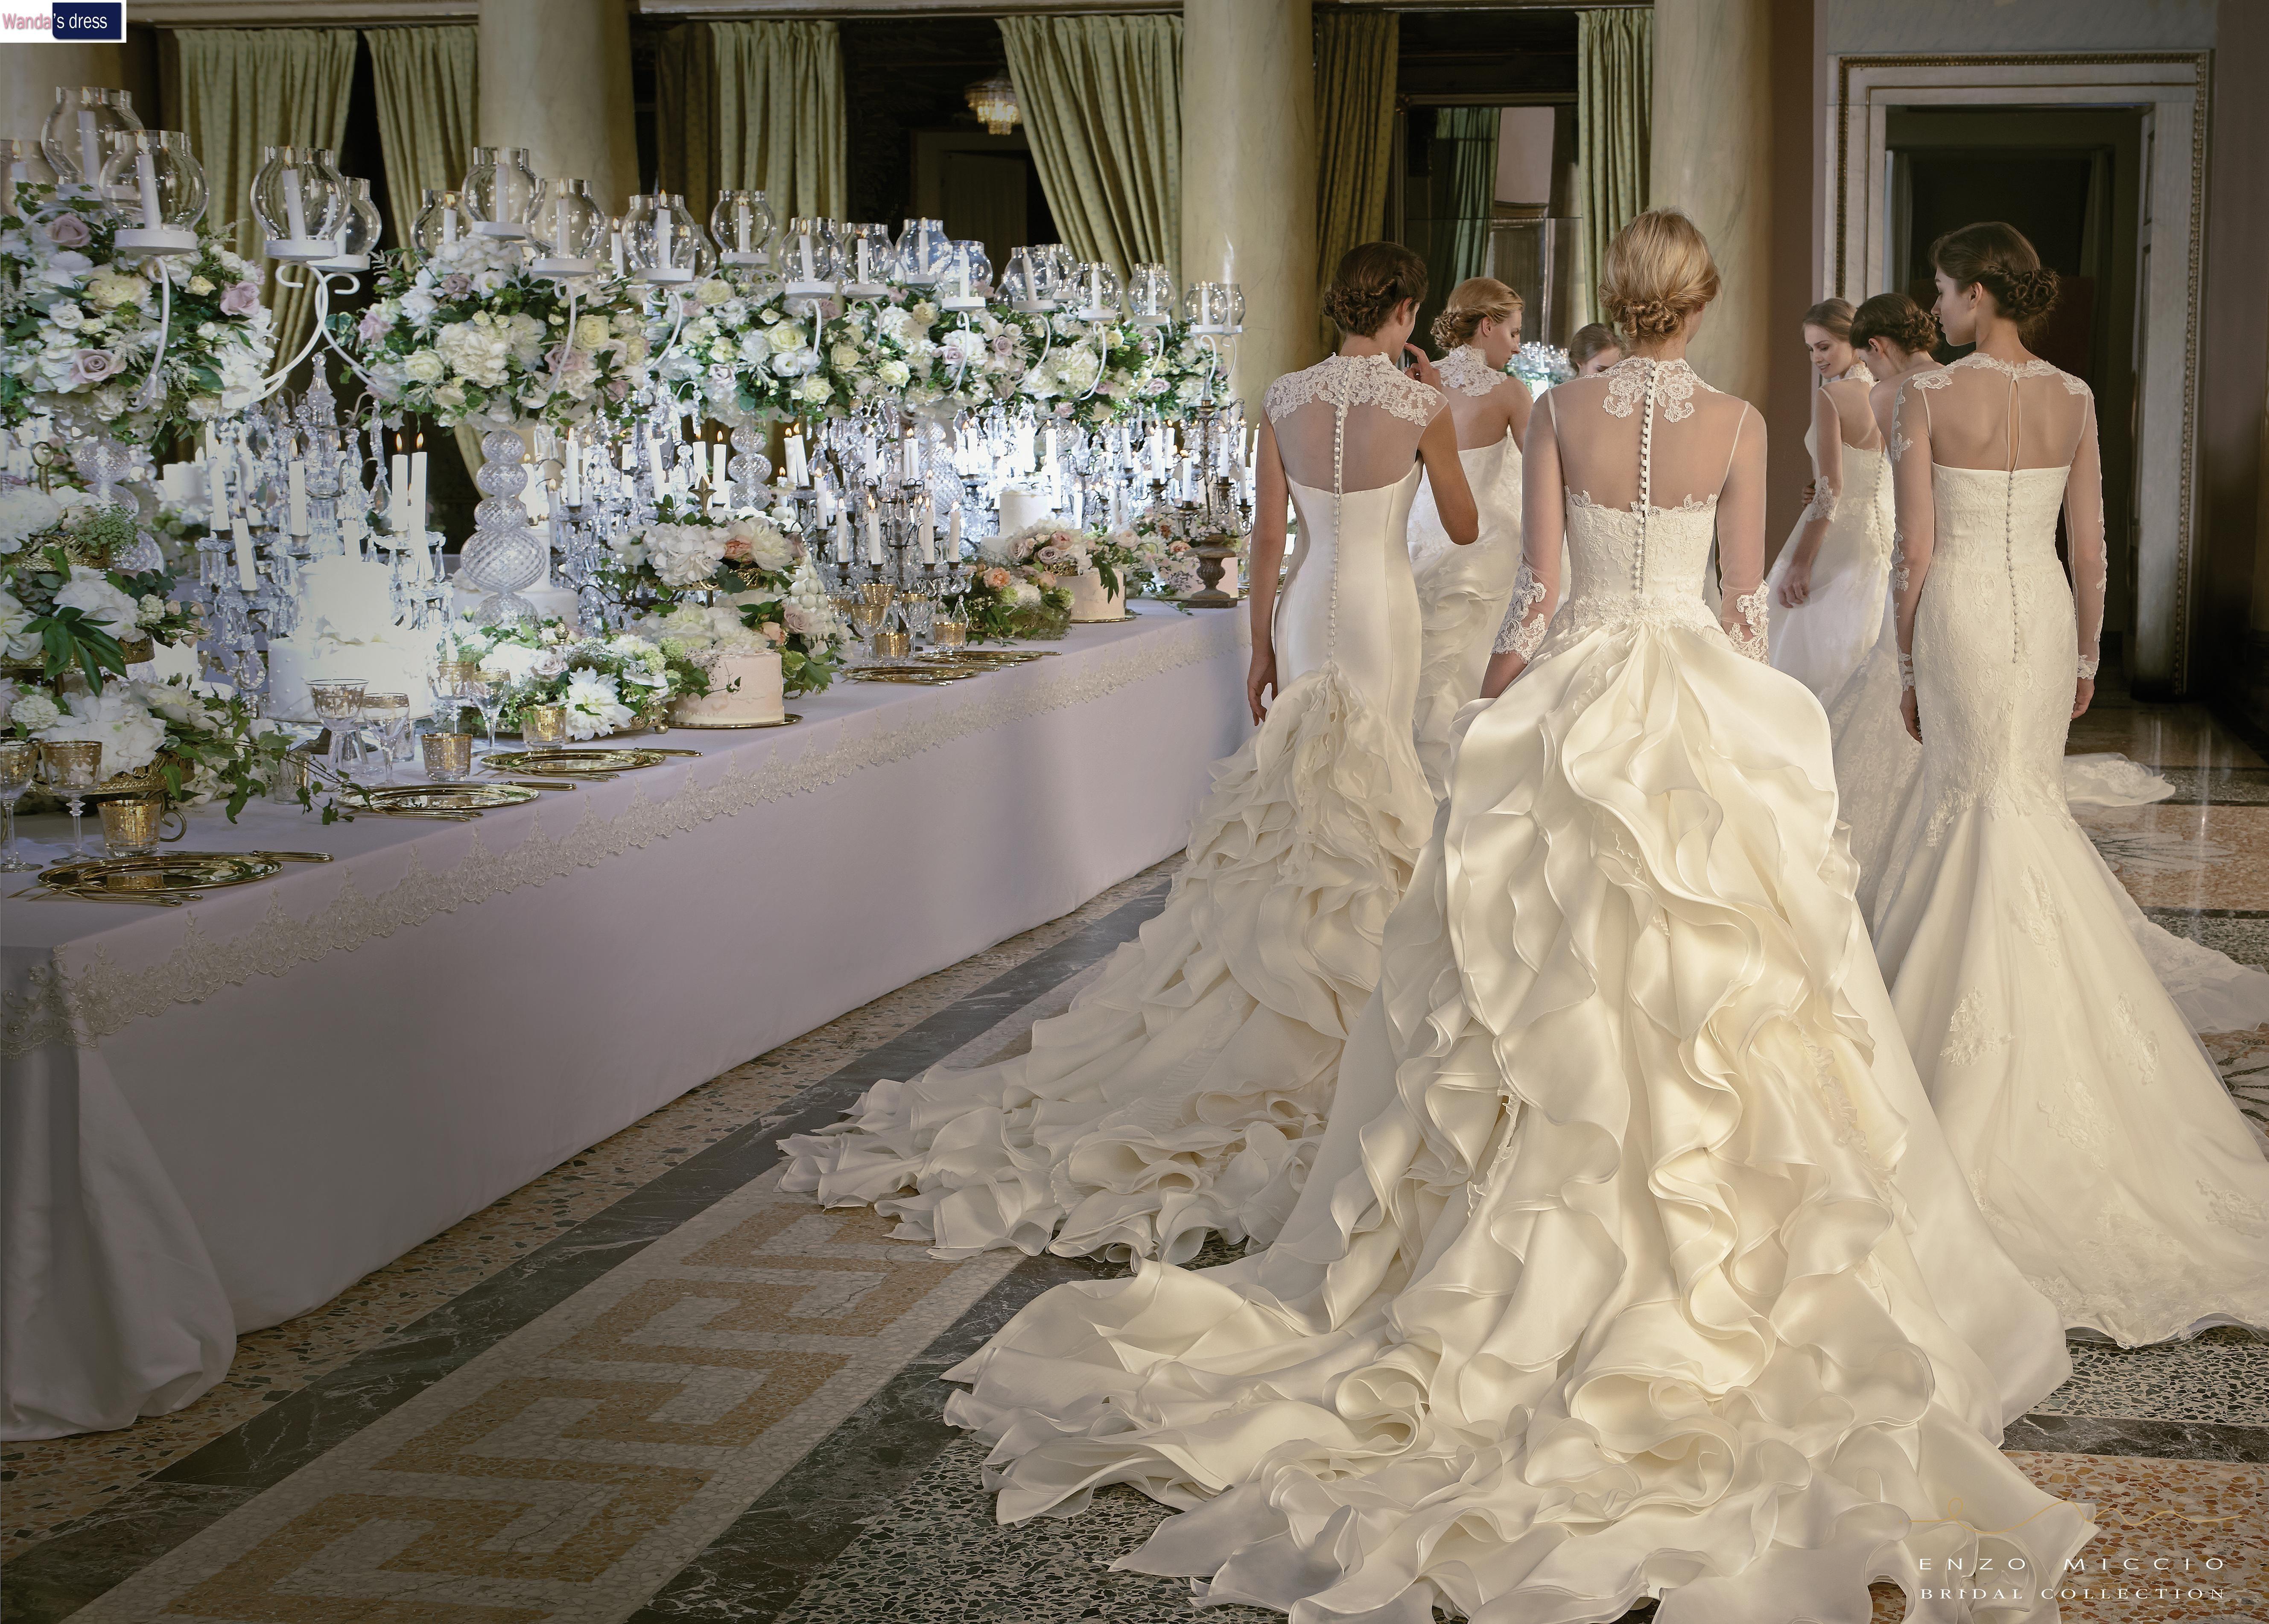 Abiti Da Sposa Wandas Dress.Gli Abiti Da Sposa Della Enzo Miccio Bridal Collection Sono In